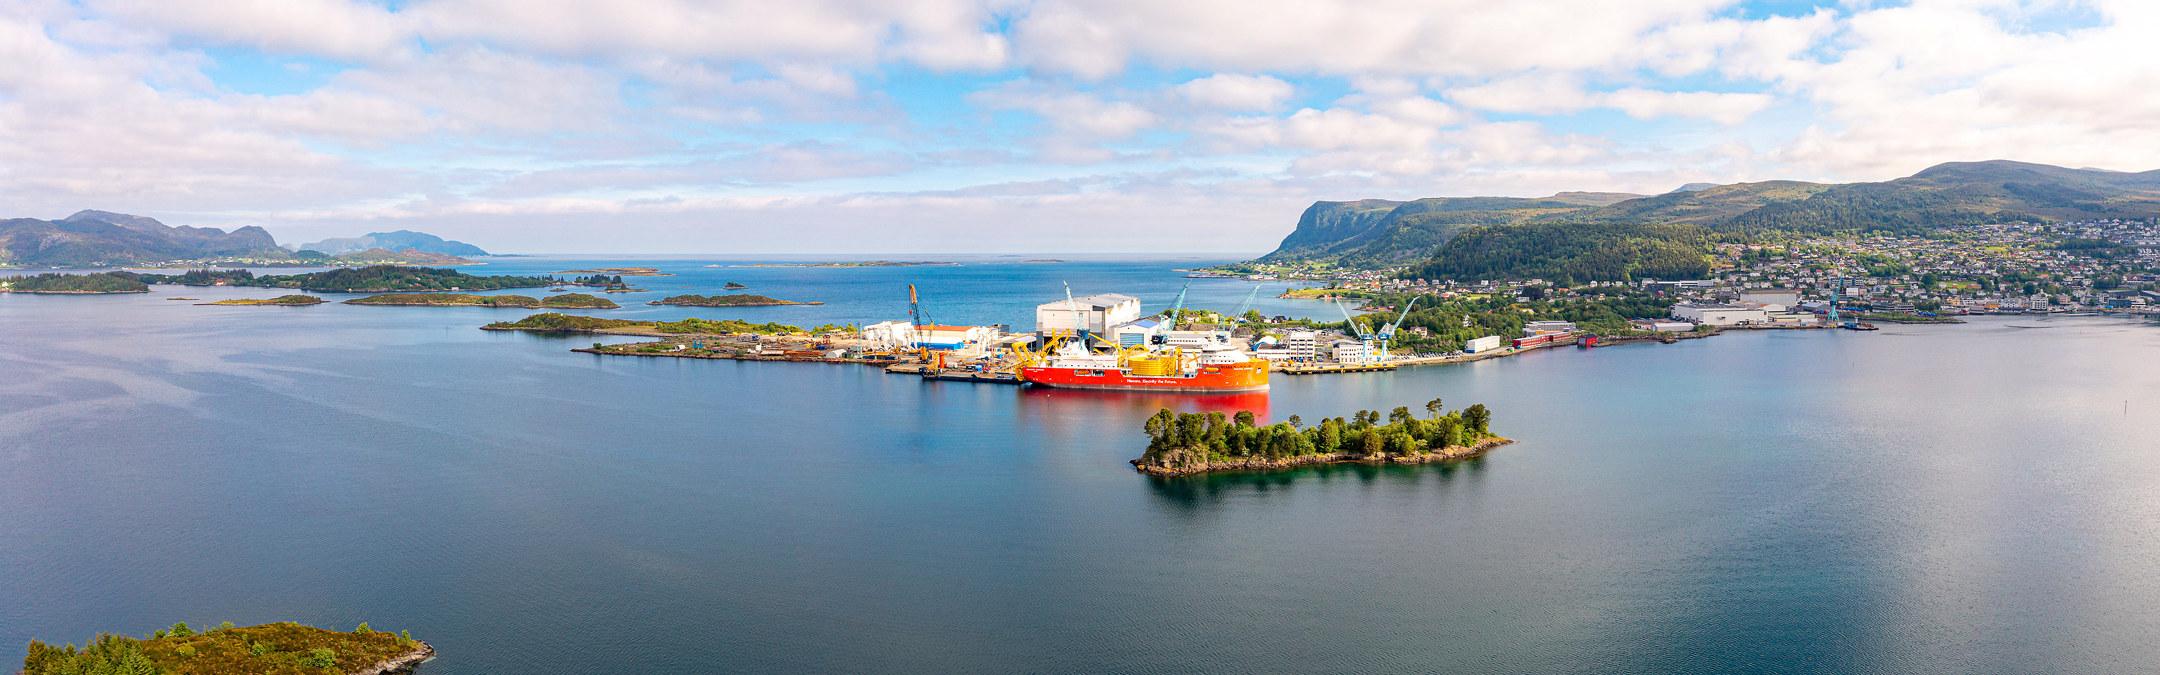 Bilde av fjell og fjord med industri. Foto: Sven-Erik Knoff